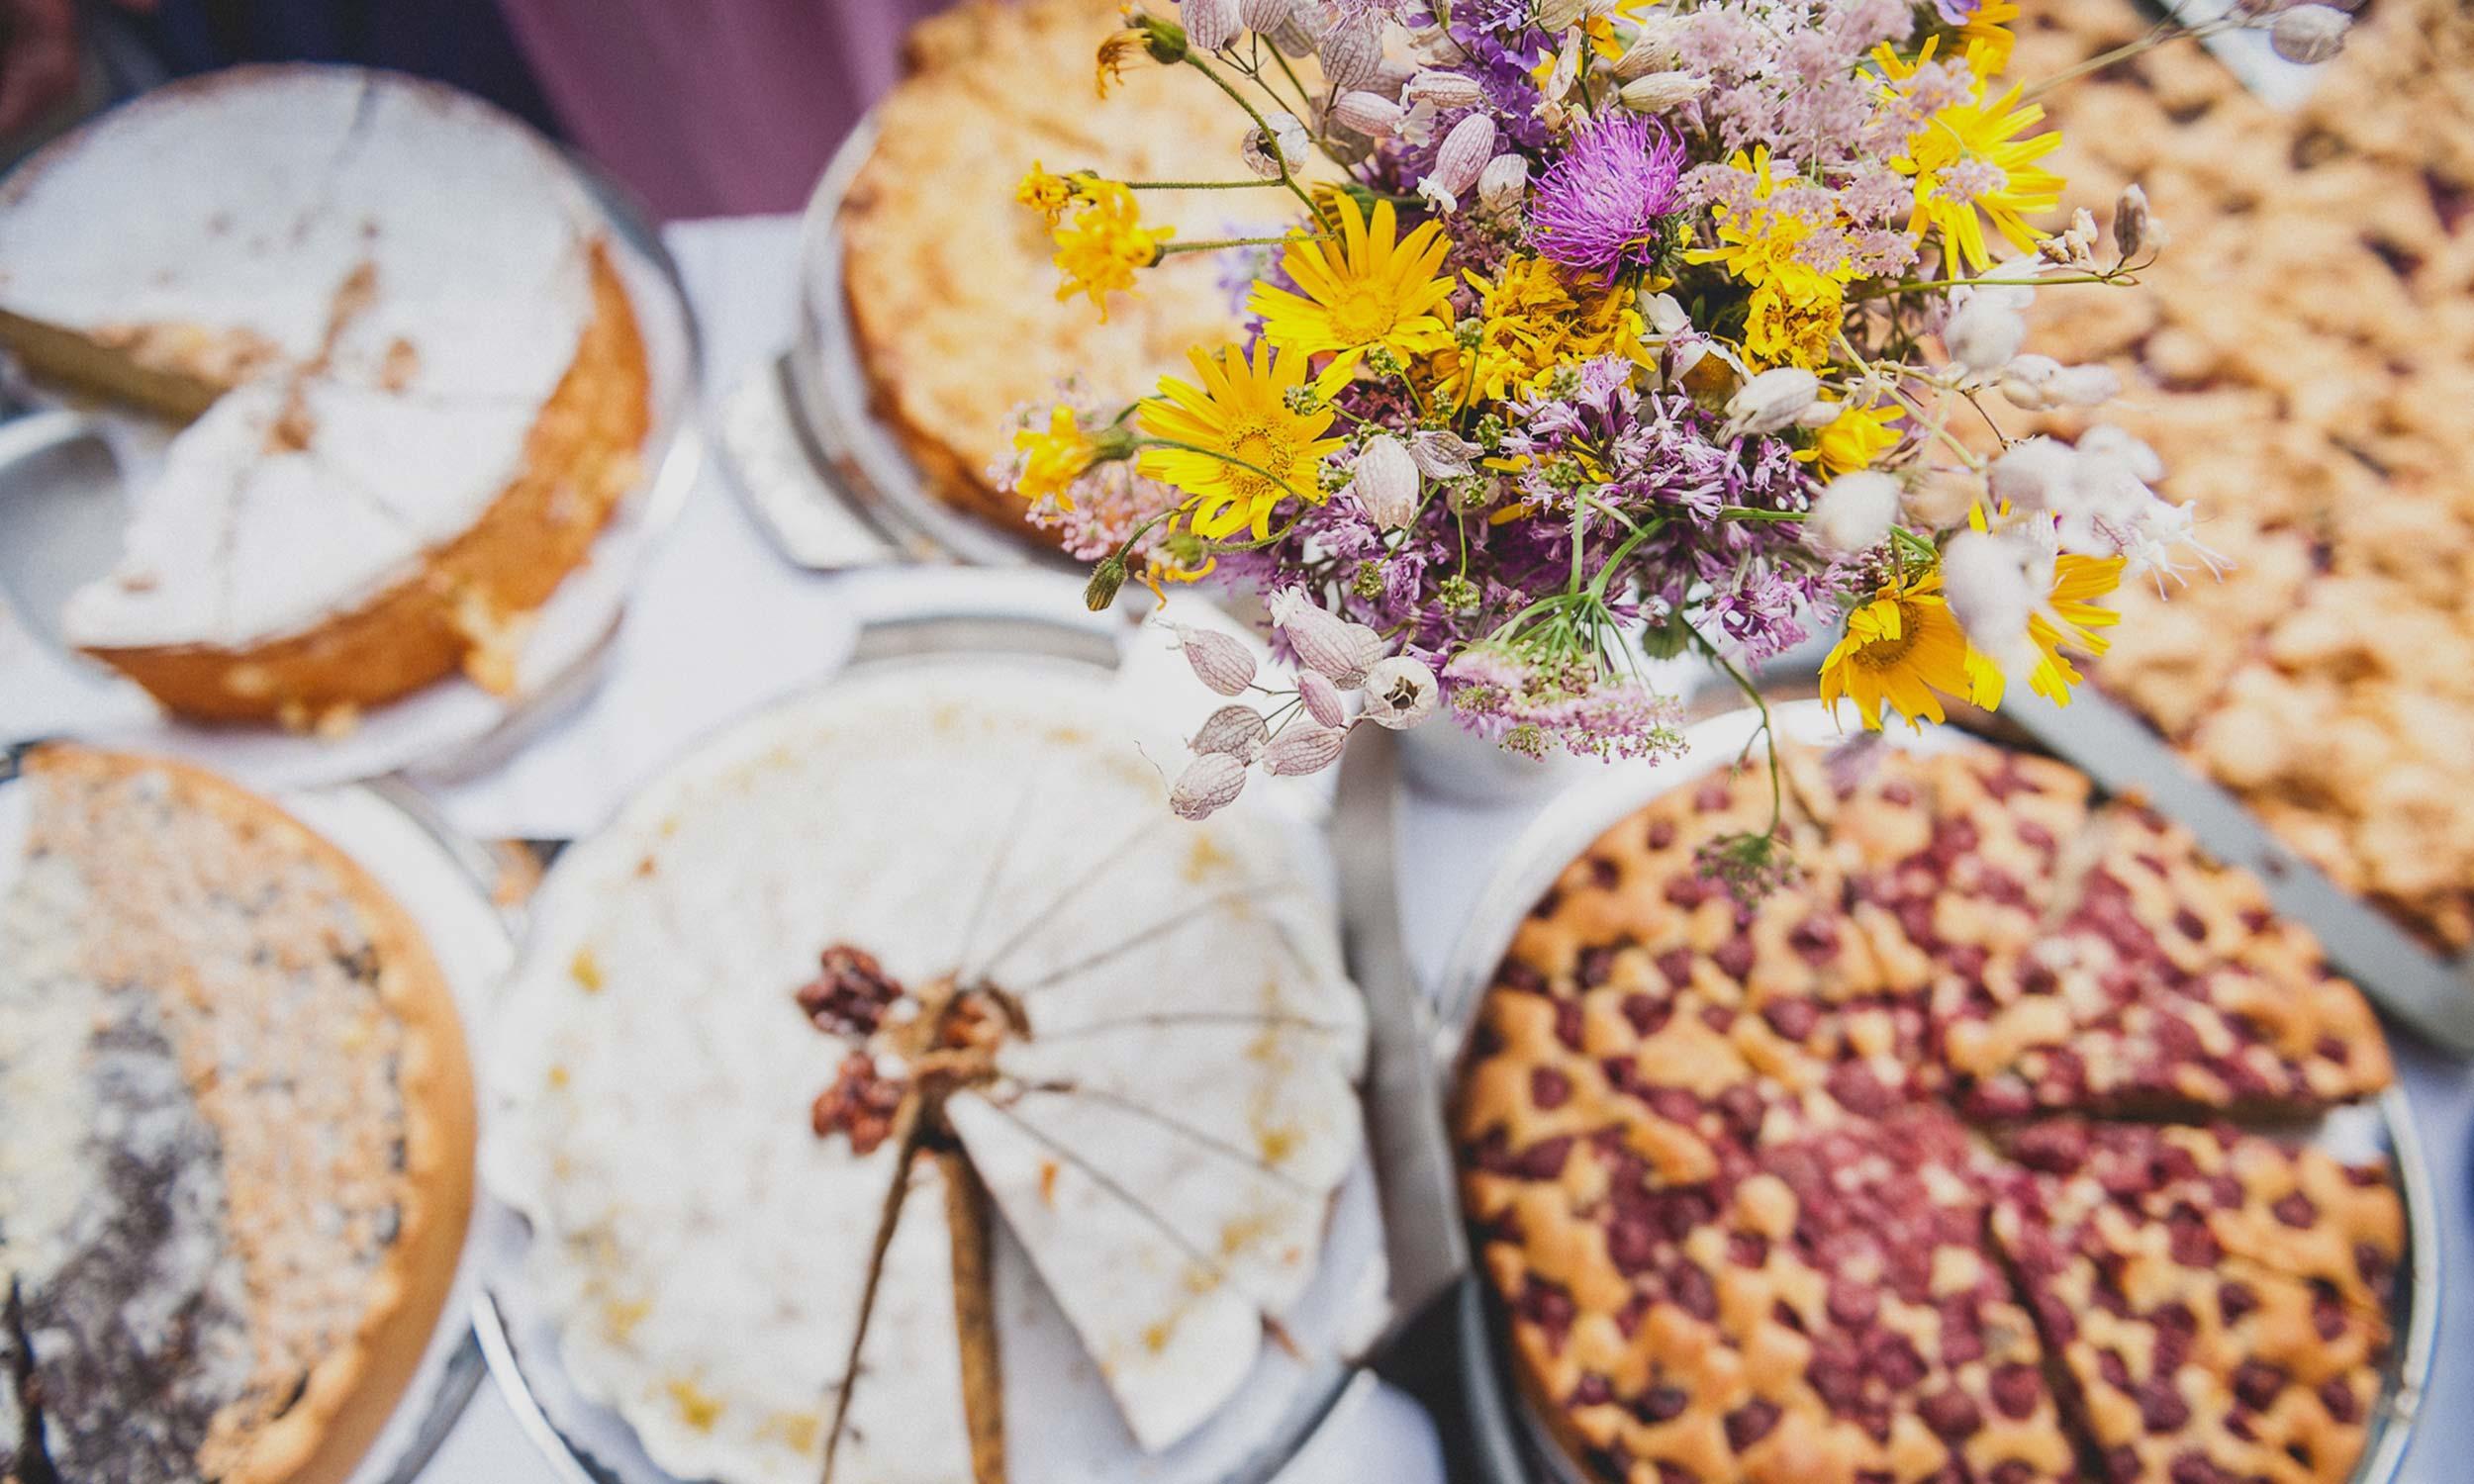 Kuchenempfang als Buffet mit Blumen